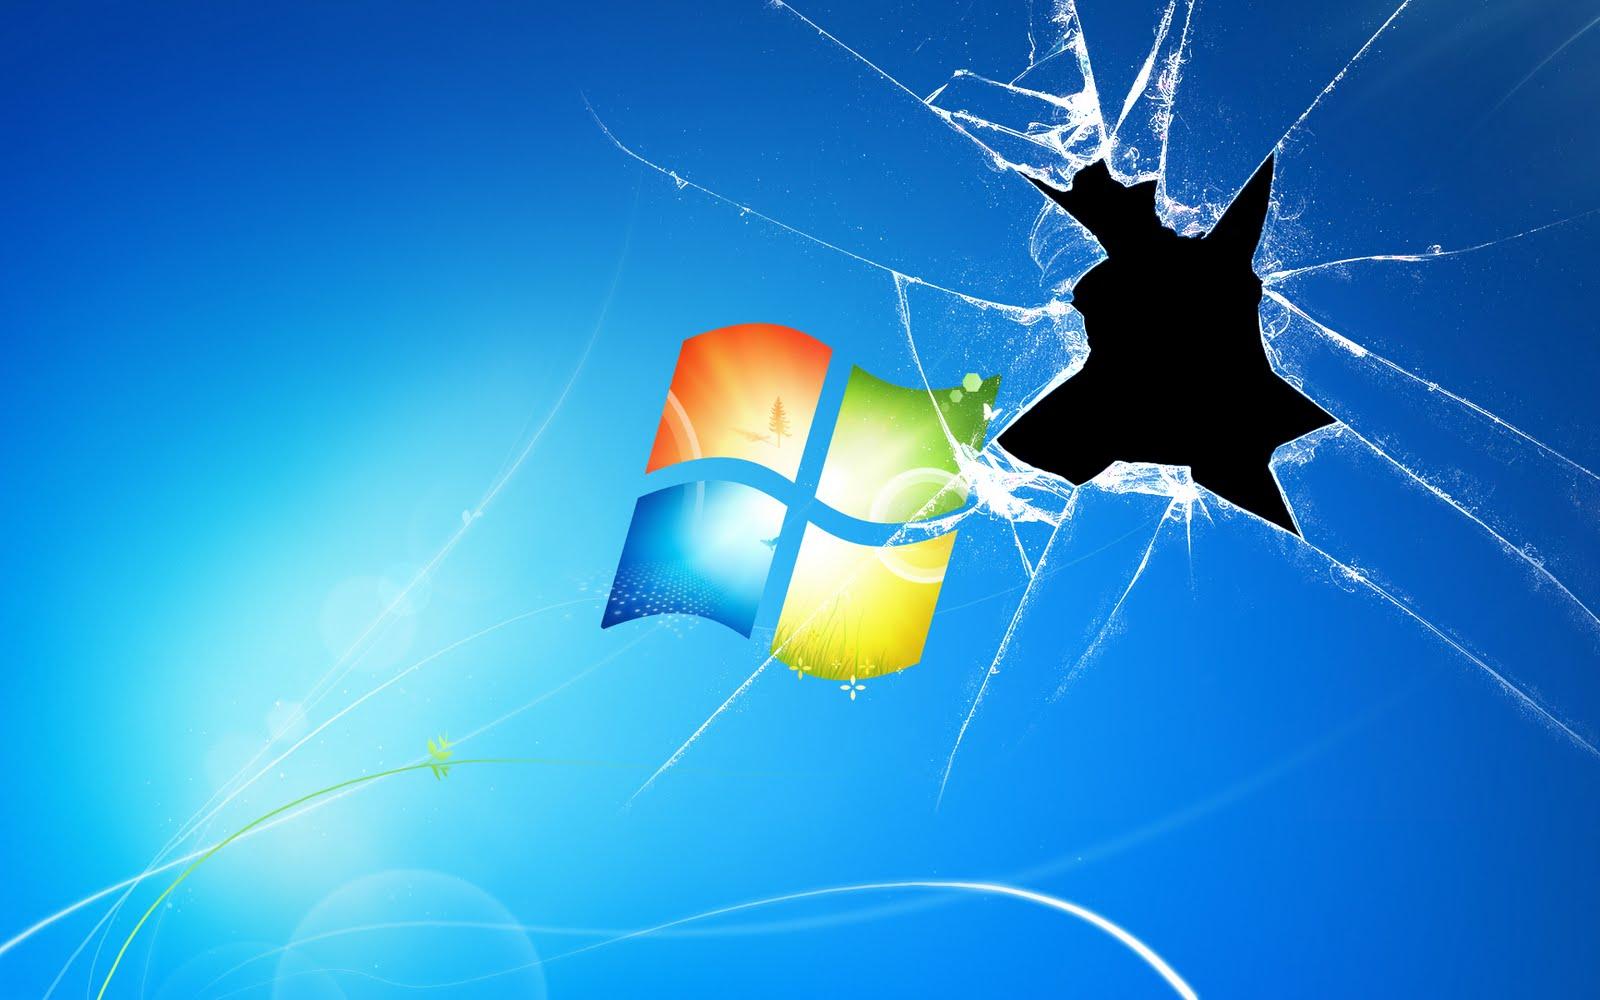 http://4.bp.blogspot.com/_HFV1jz-lMDo/TLOWa50Az-I/AAAAAAAAALc/YwRkVcfIcUg/s1600/Broken_Windows7.jpg